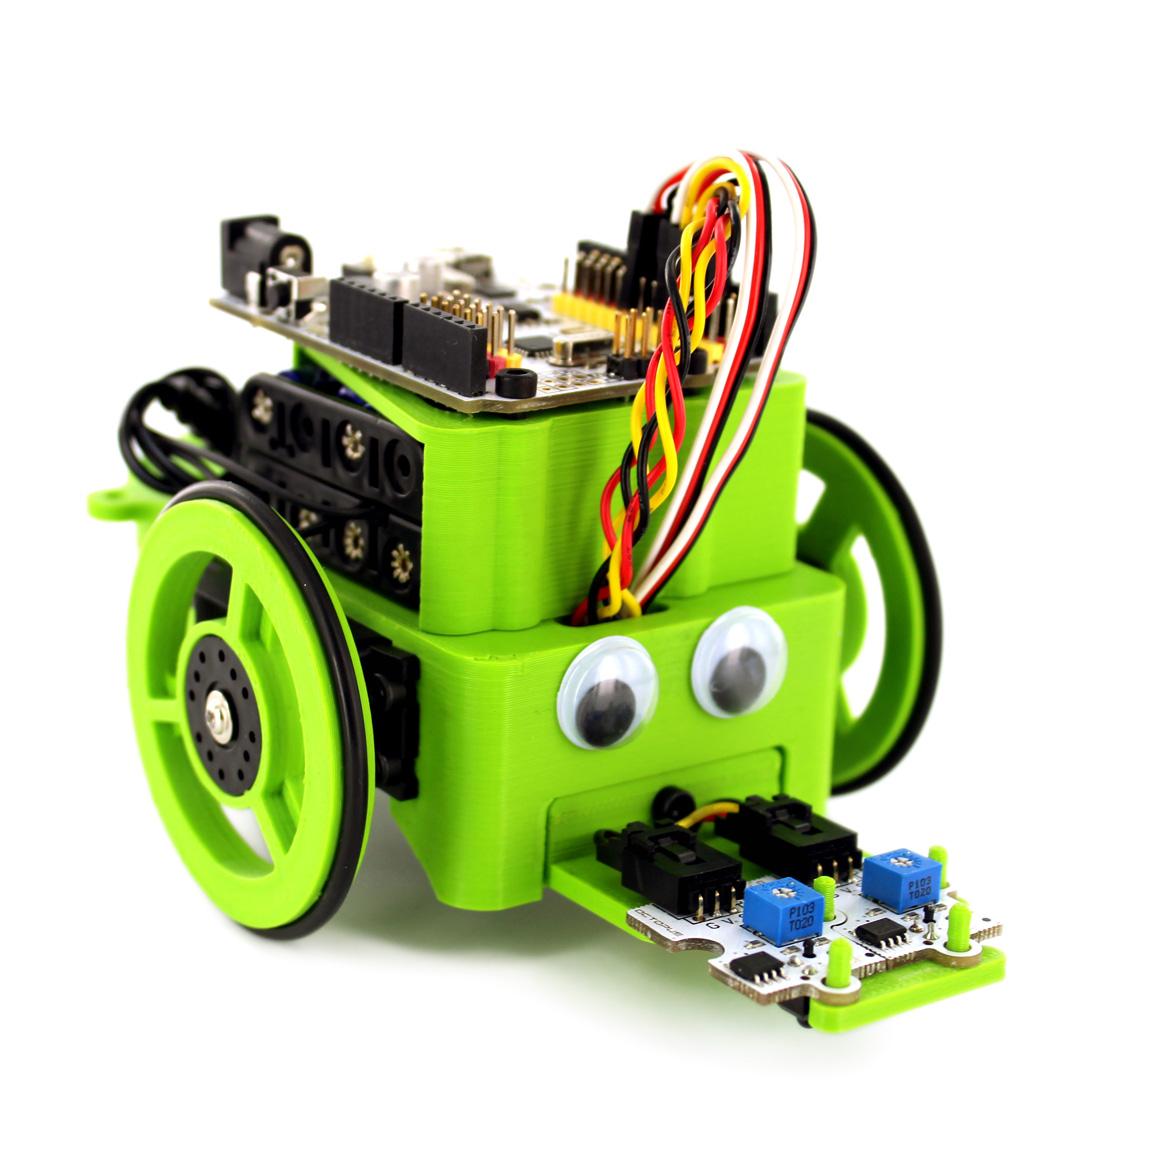 Kit de robótica para crianças, da bq